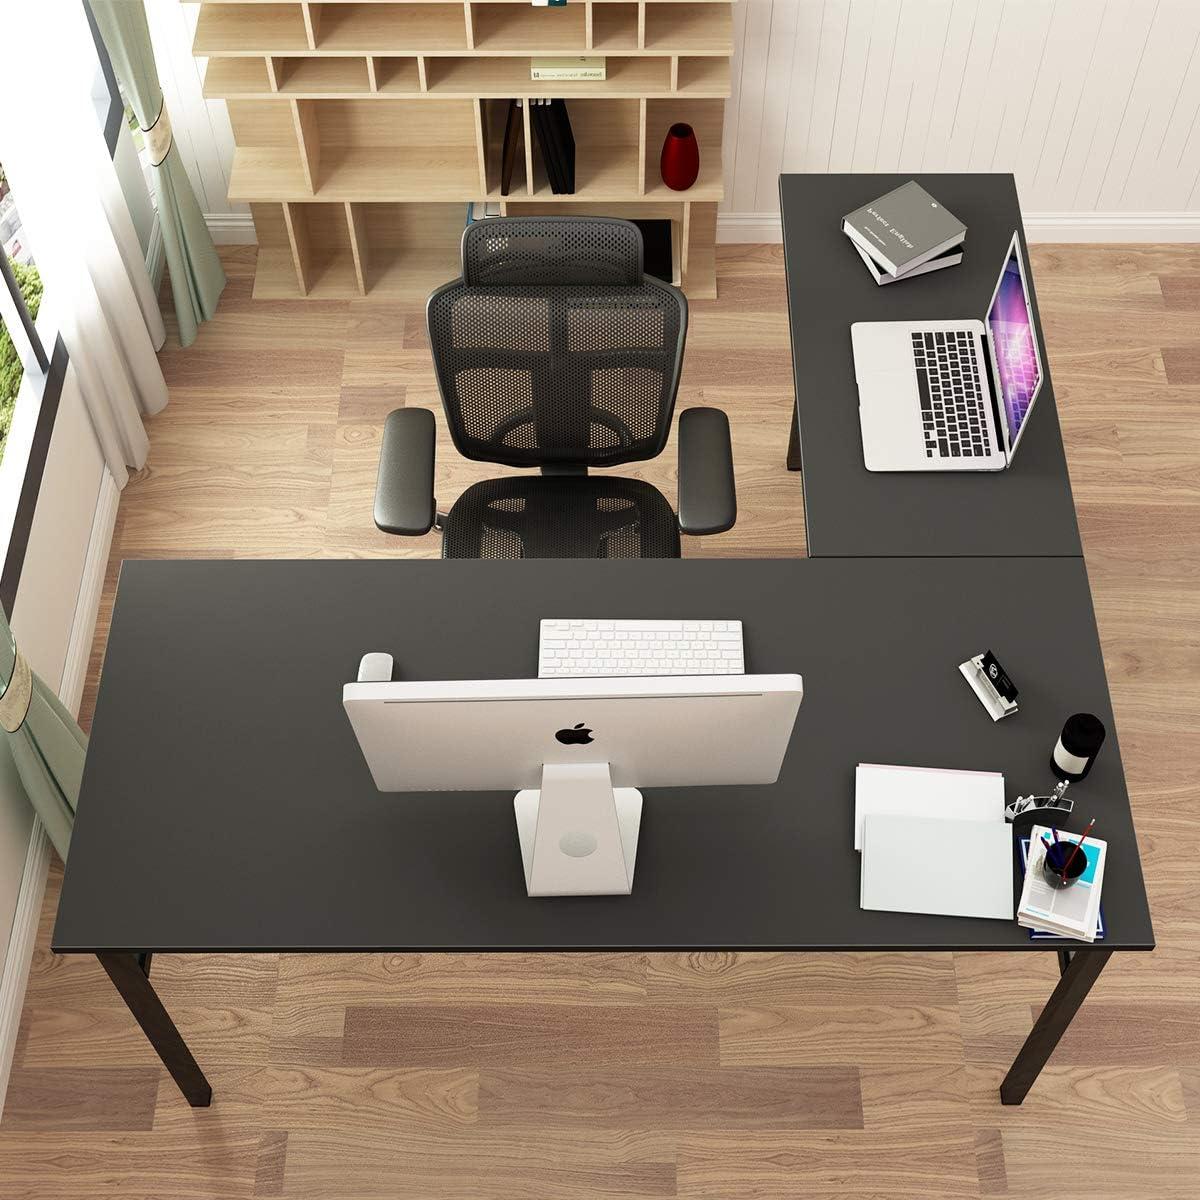 DlandHome L-Shaped Desk Large Corner Desk Folding Table Computer Desk Home Office Table Computer Workstation, Black DND-ND11-BB1